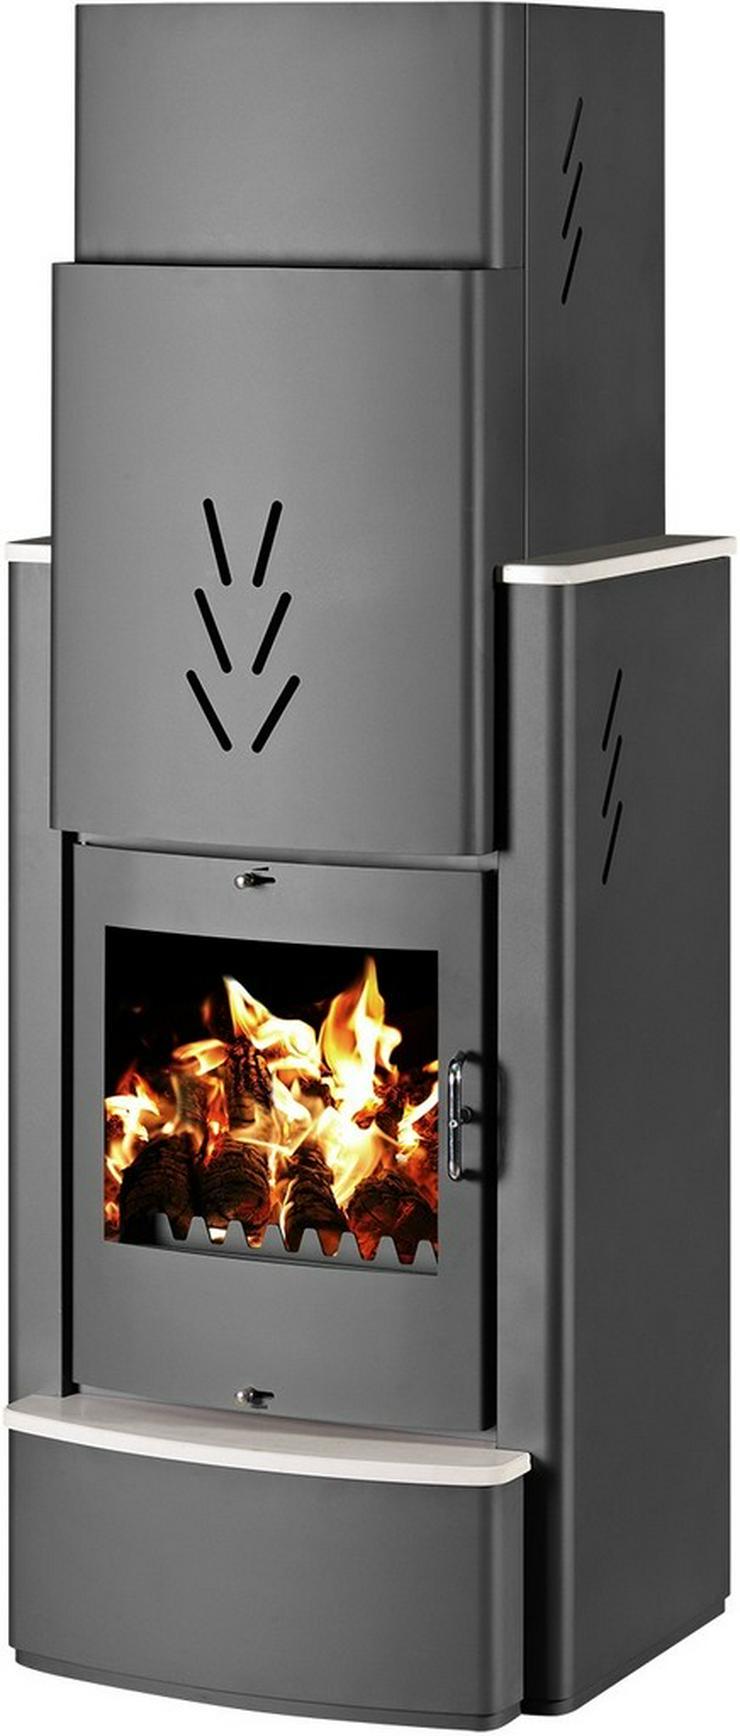 1A Kaminofen Sonata 16 KW wasserführend Ofen